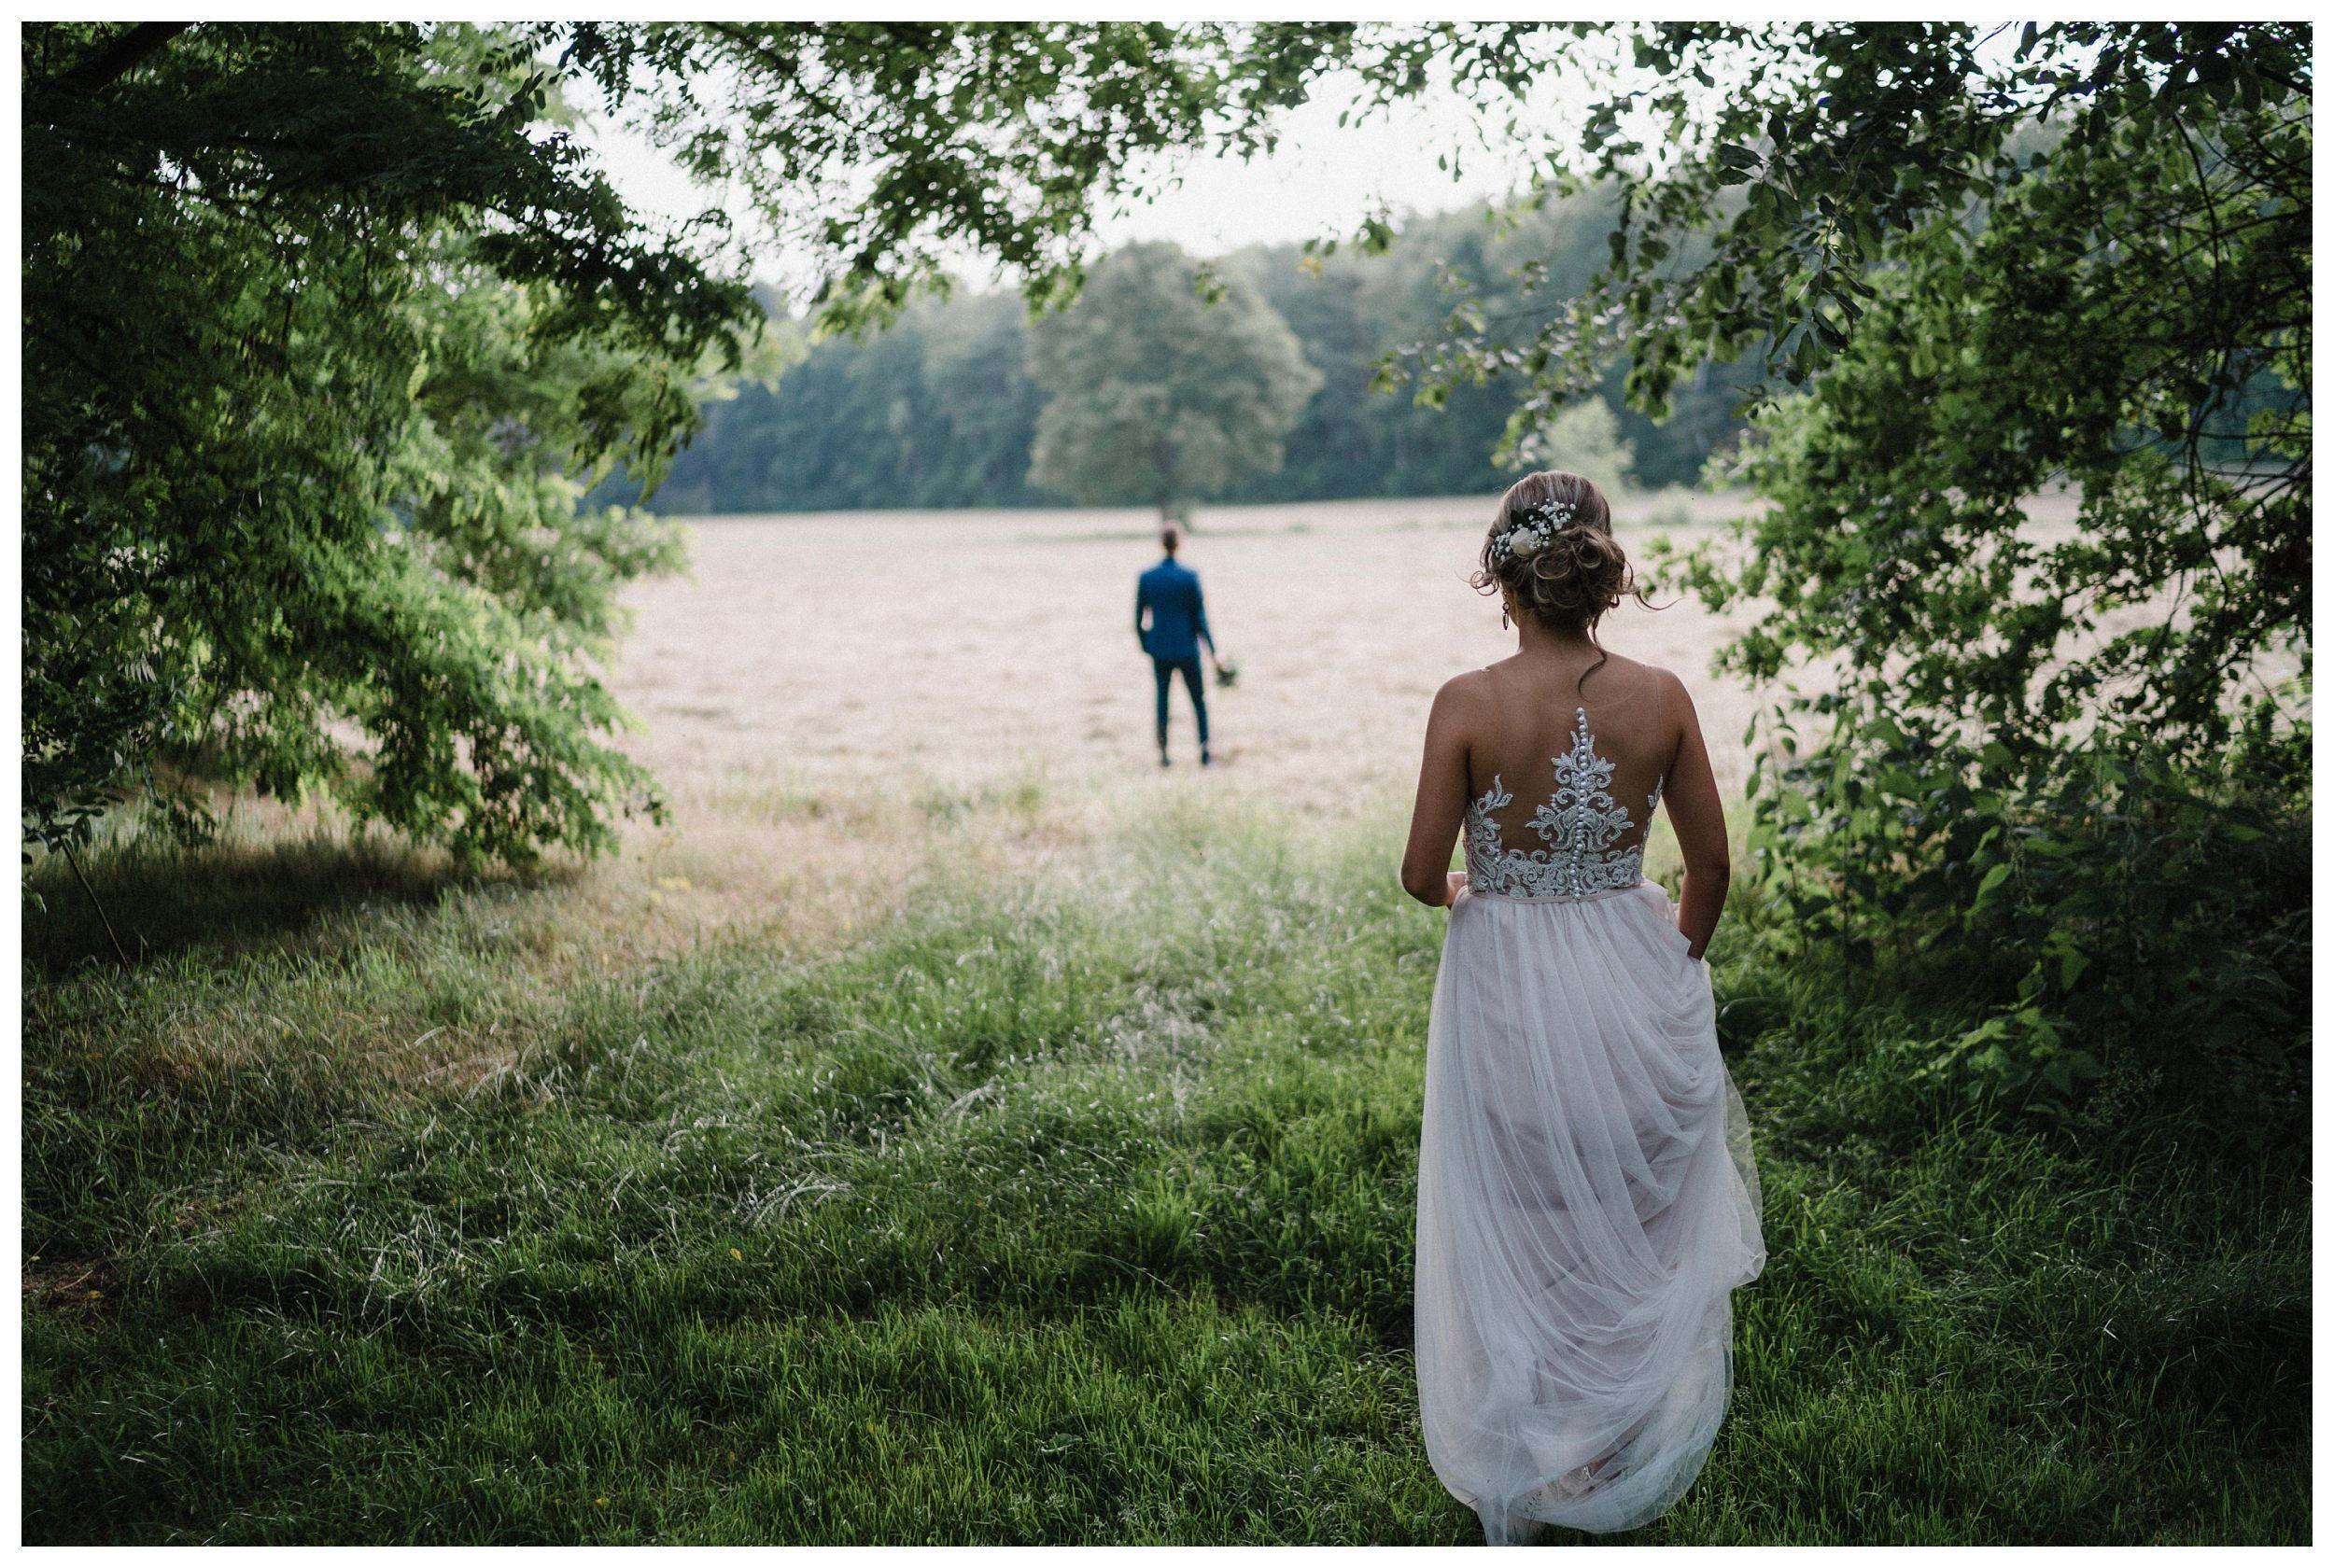 huwelijksfotograaf bruidsfotograaf destinationwedding huwelijksfotografie in mol oostham (17).jpg